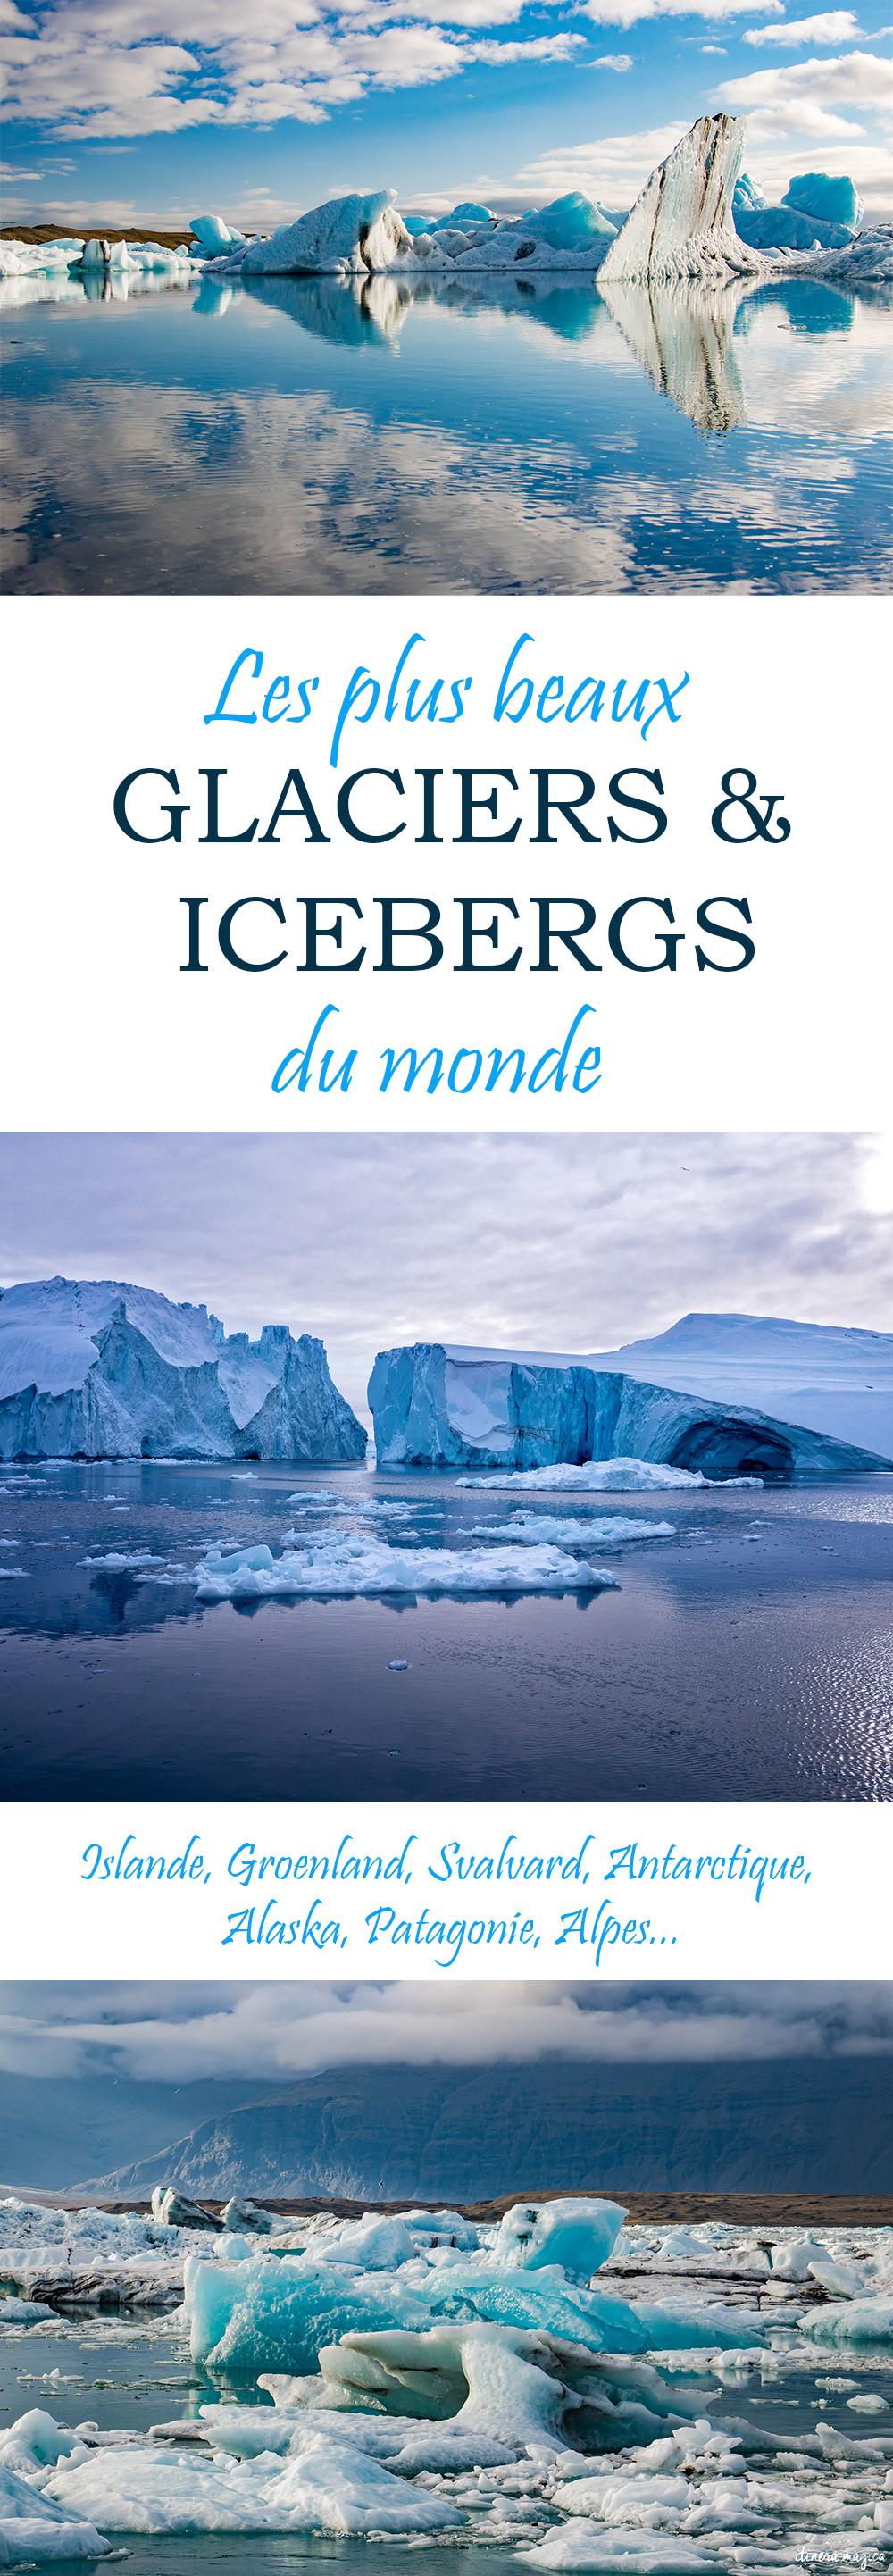 Les plus beaux glaciers et icebergs du monde : Islande, Groenland, Patagonie, Svalbard, Antarctique, Alpes... #icebergs #glaciers #islande #antarctique #groenland #patagonie #alpes #voyage